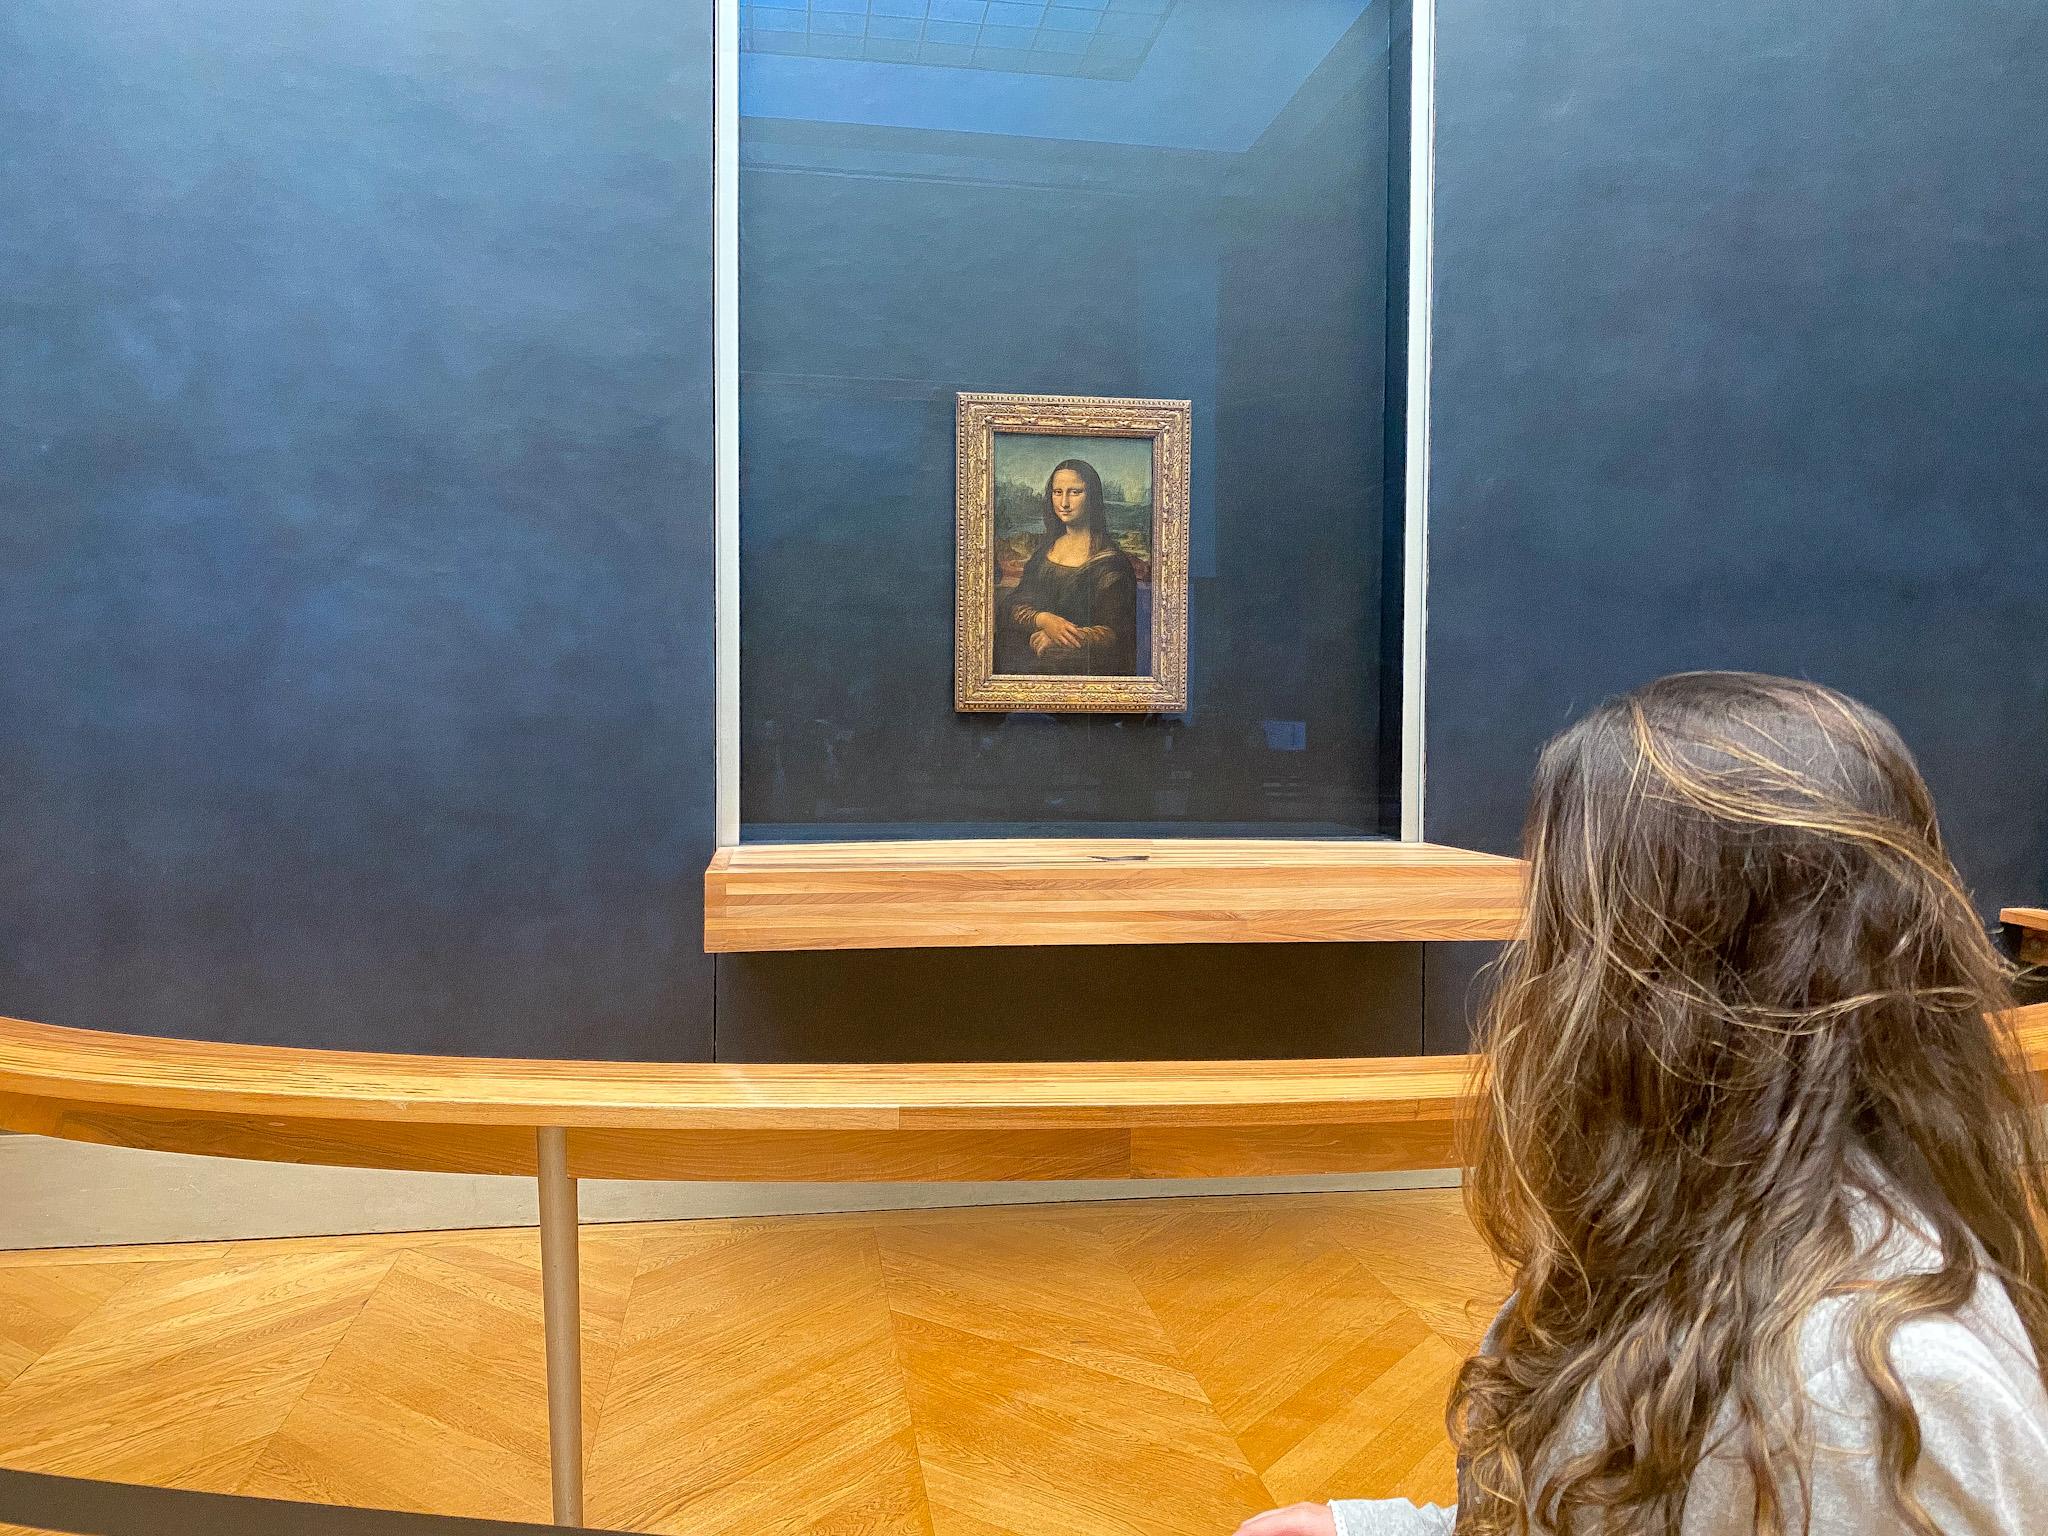 museu-do-louvre-lembrancas-da-gabi-blog3